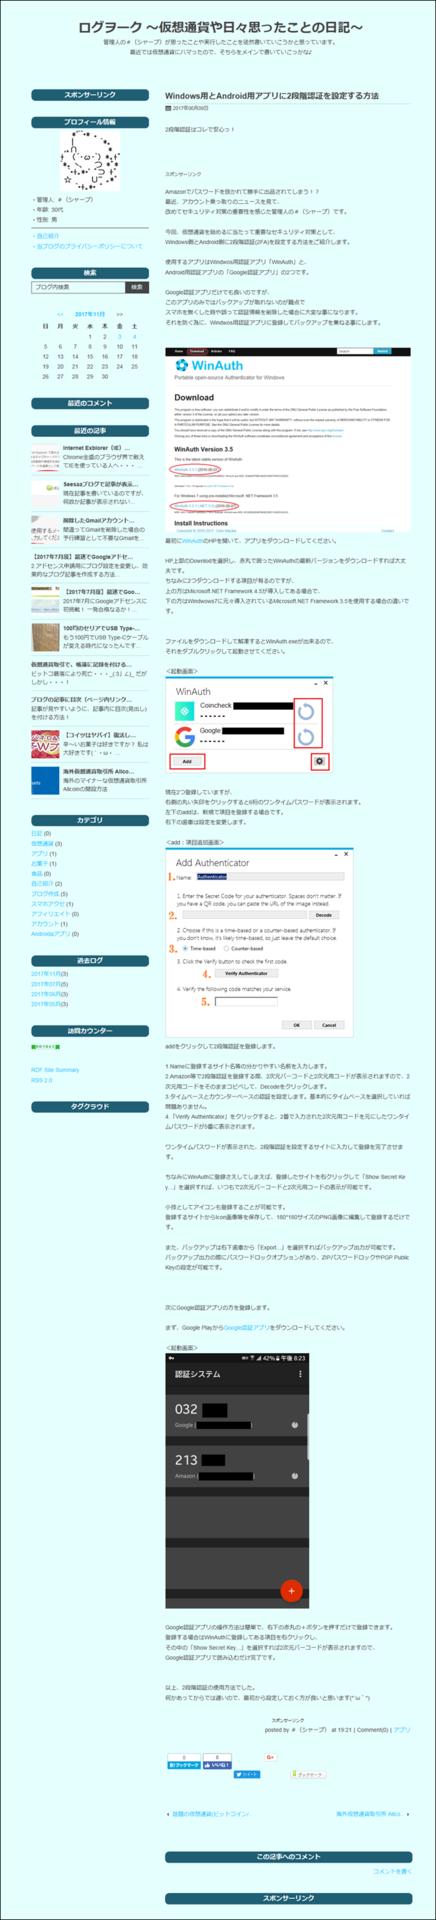 a00009_Google審査用Seesaaブログの設定変更_12